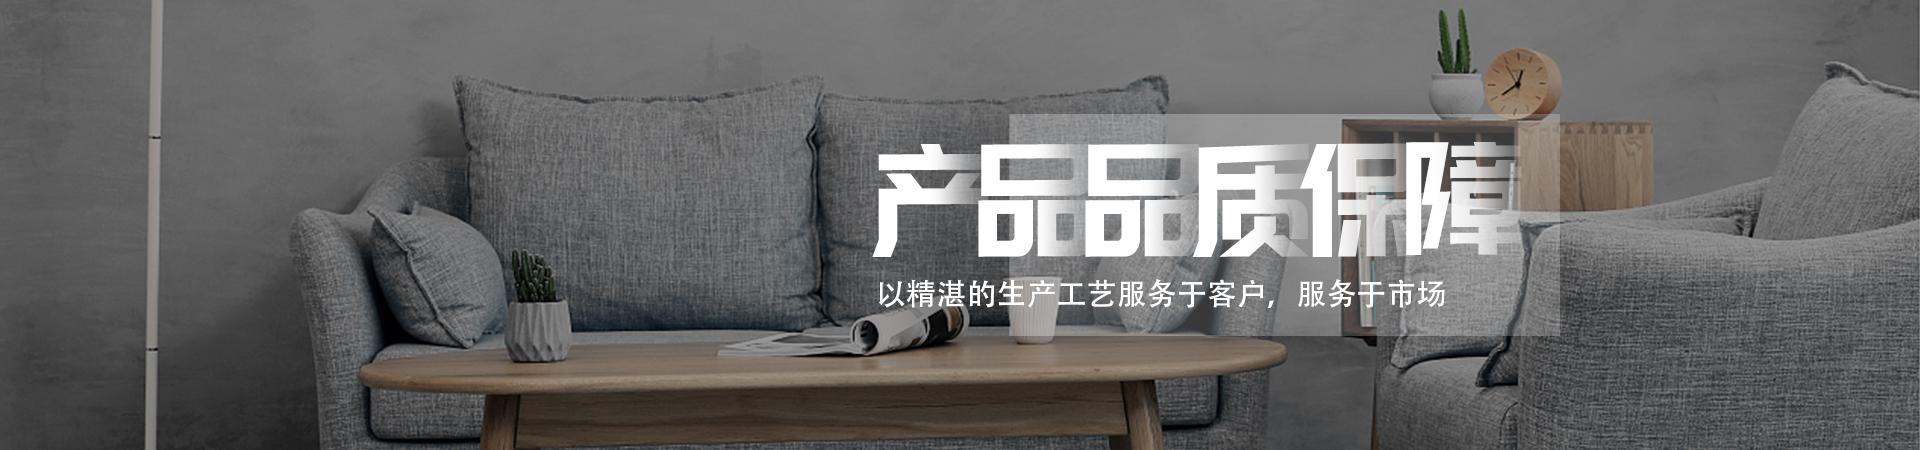 http://www.ggxjj.com.cn/data/upload/202010/20201026145356_735.jpg